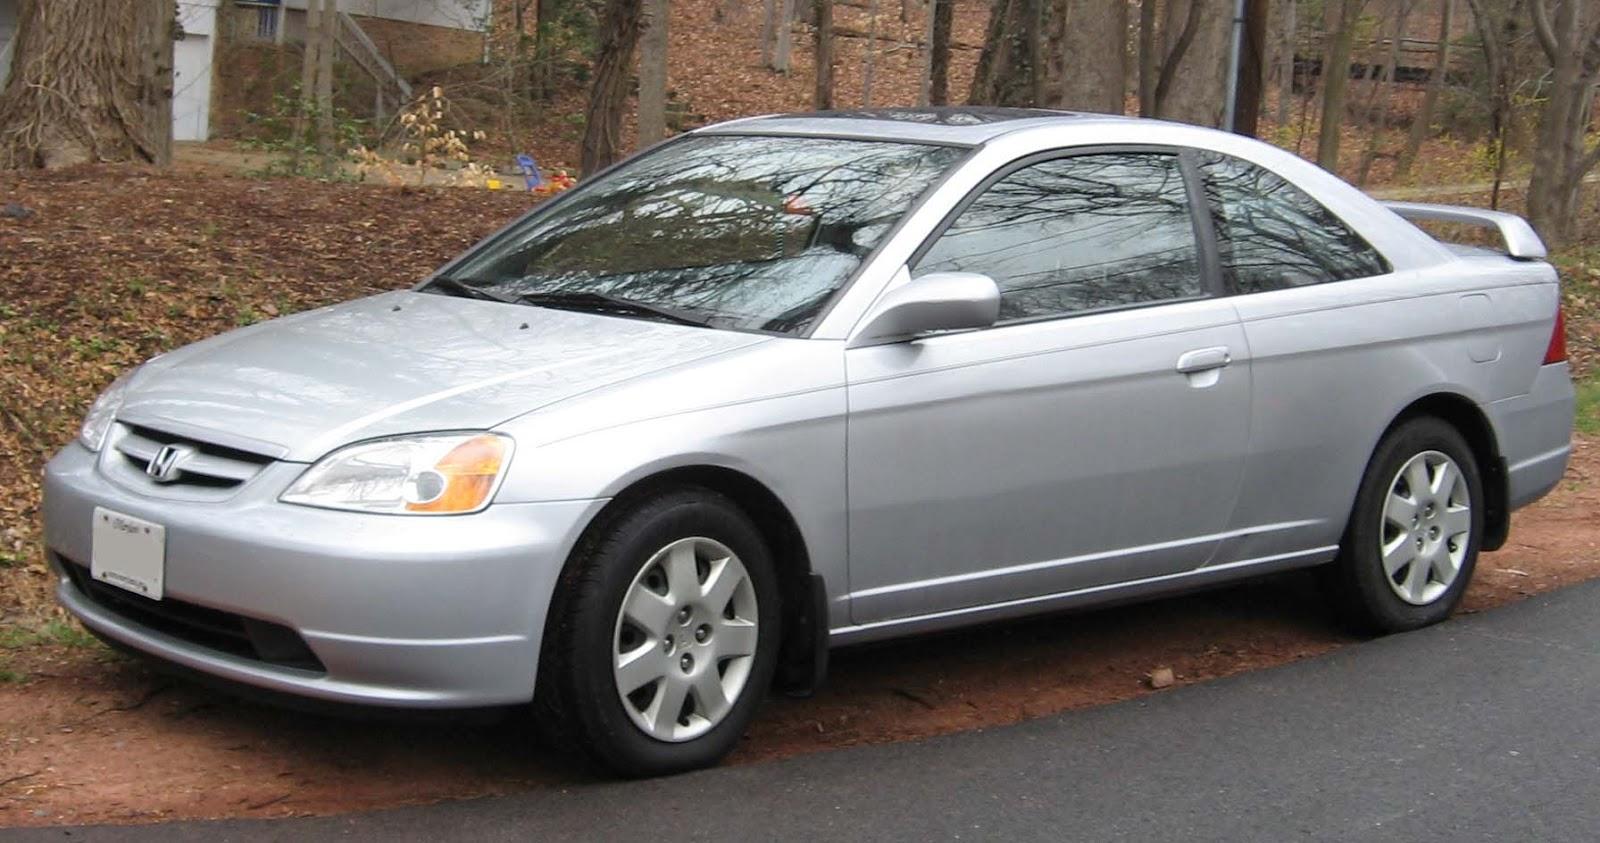 Autos World For All: Honda Civic 2001